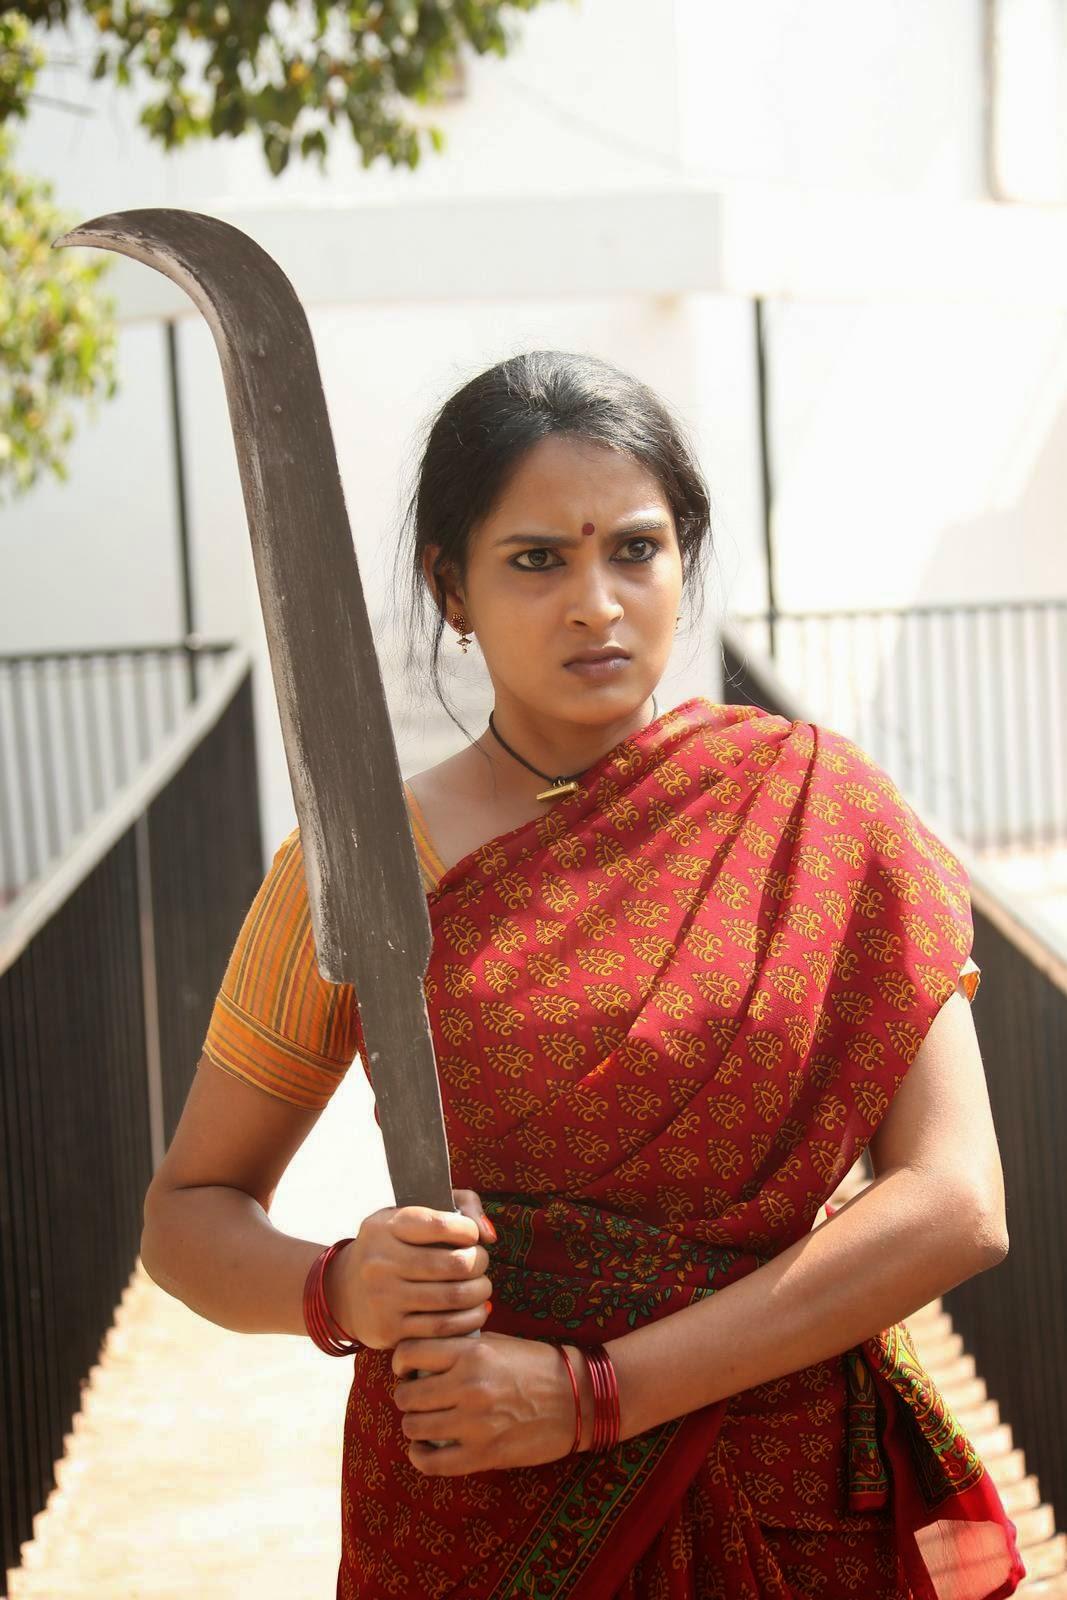 Himaja-Veta Kodavallu Telugu Movie Wallpapers, Telegu Actress Himaja Hot Pics In sare from Veta Kodavallu Movie